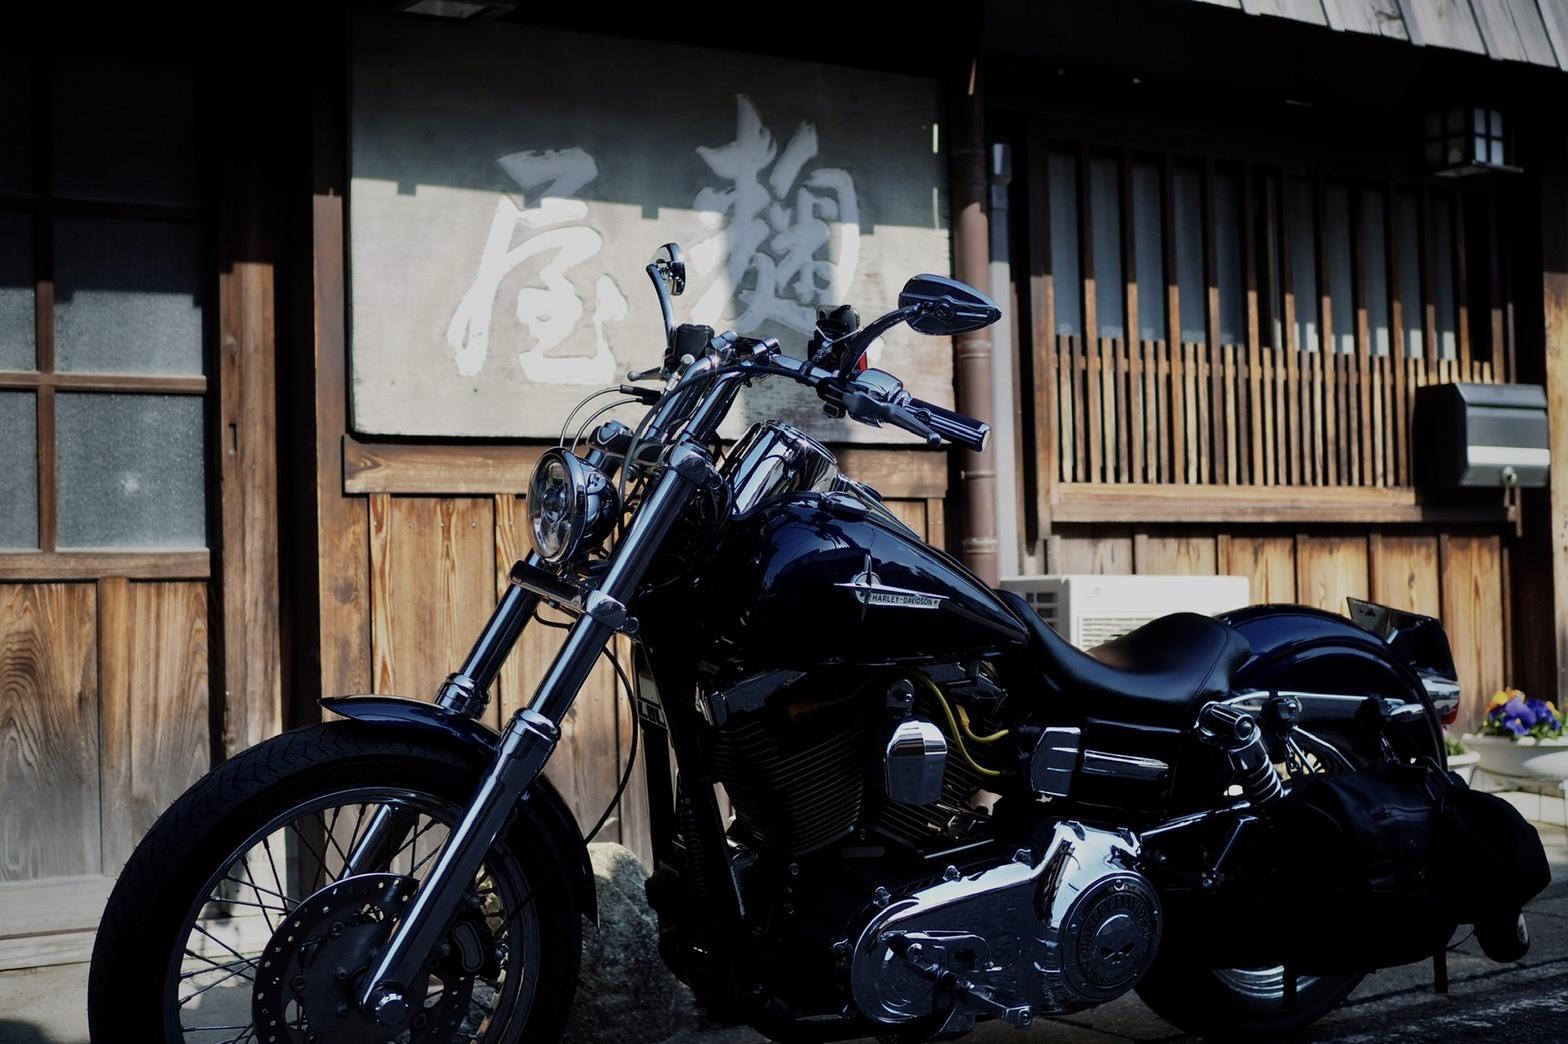 老舗 歴史 伝統 和歌山 湯浅町 古い町並み 醤油発祥の地 麹屋